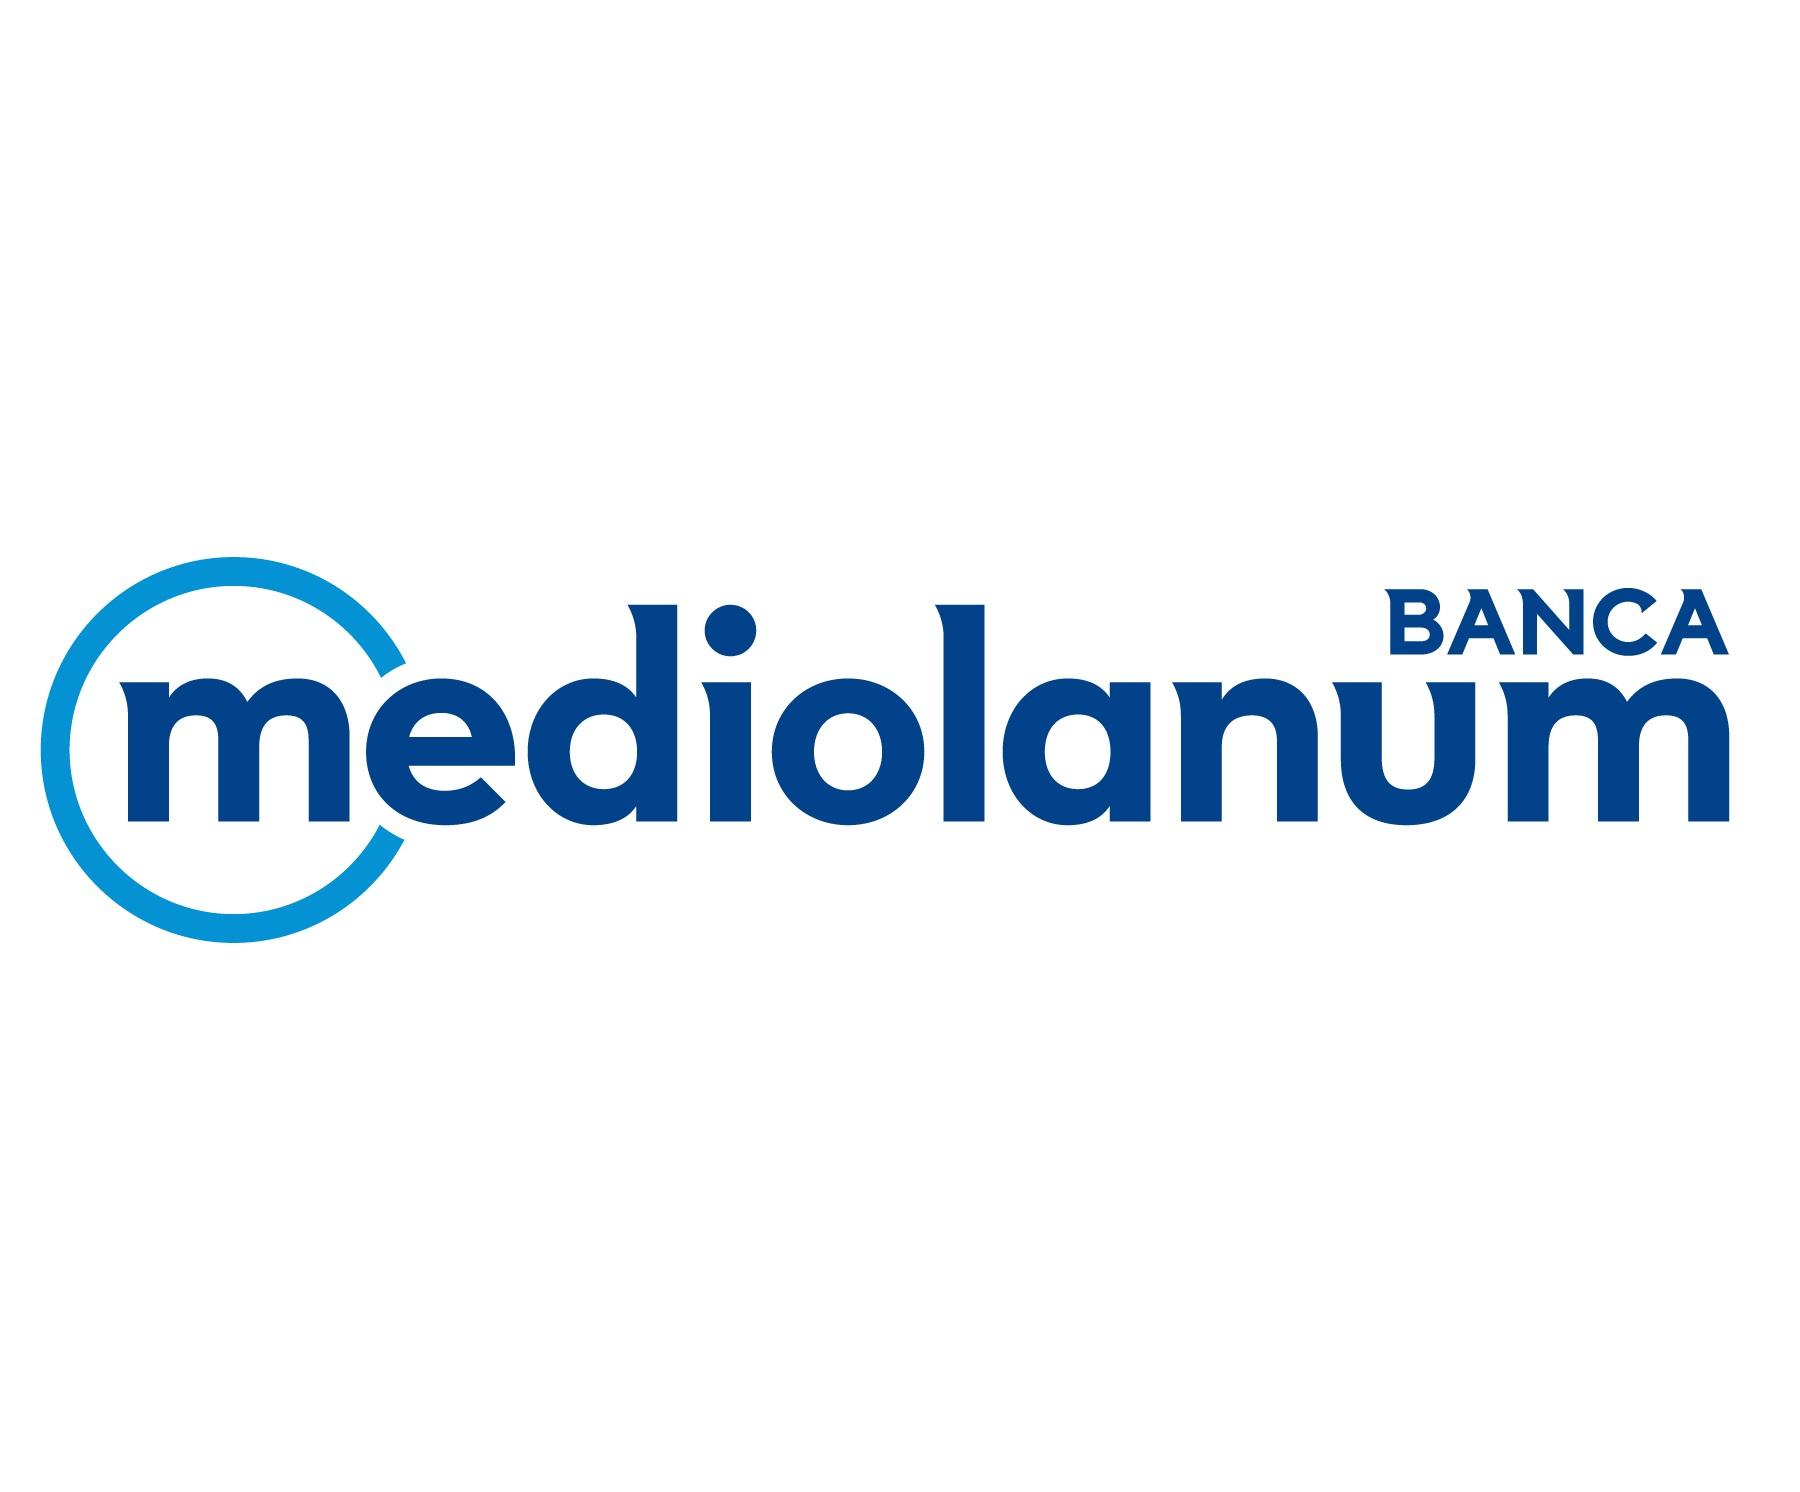 Banca Mediolanum pubblica su Blockchain la Dichiarazione Non Finanziaria